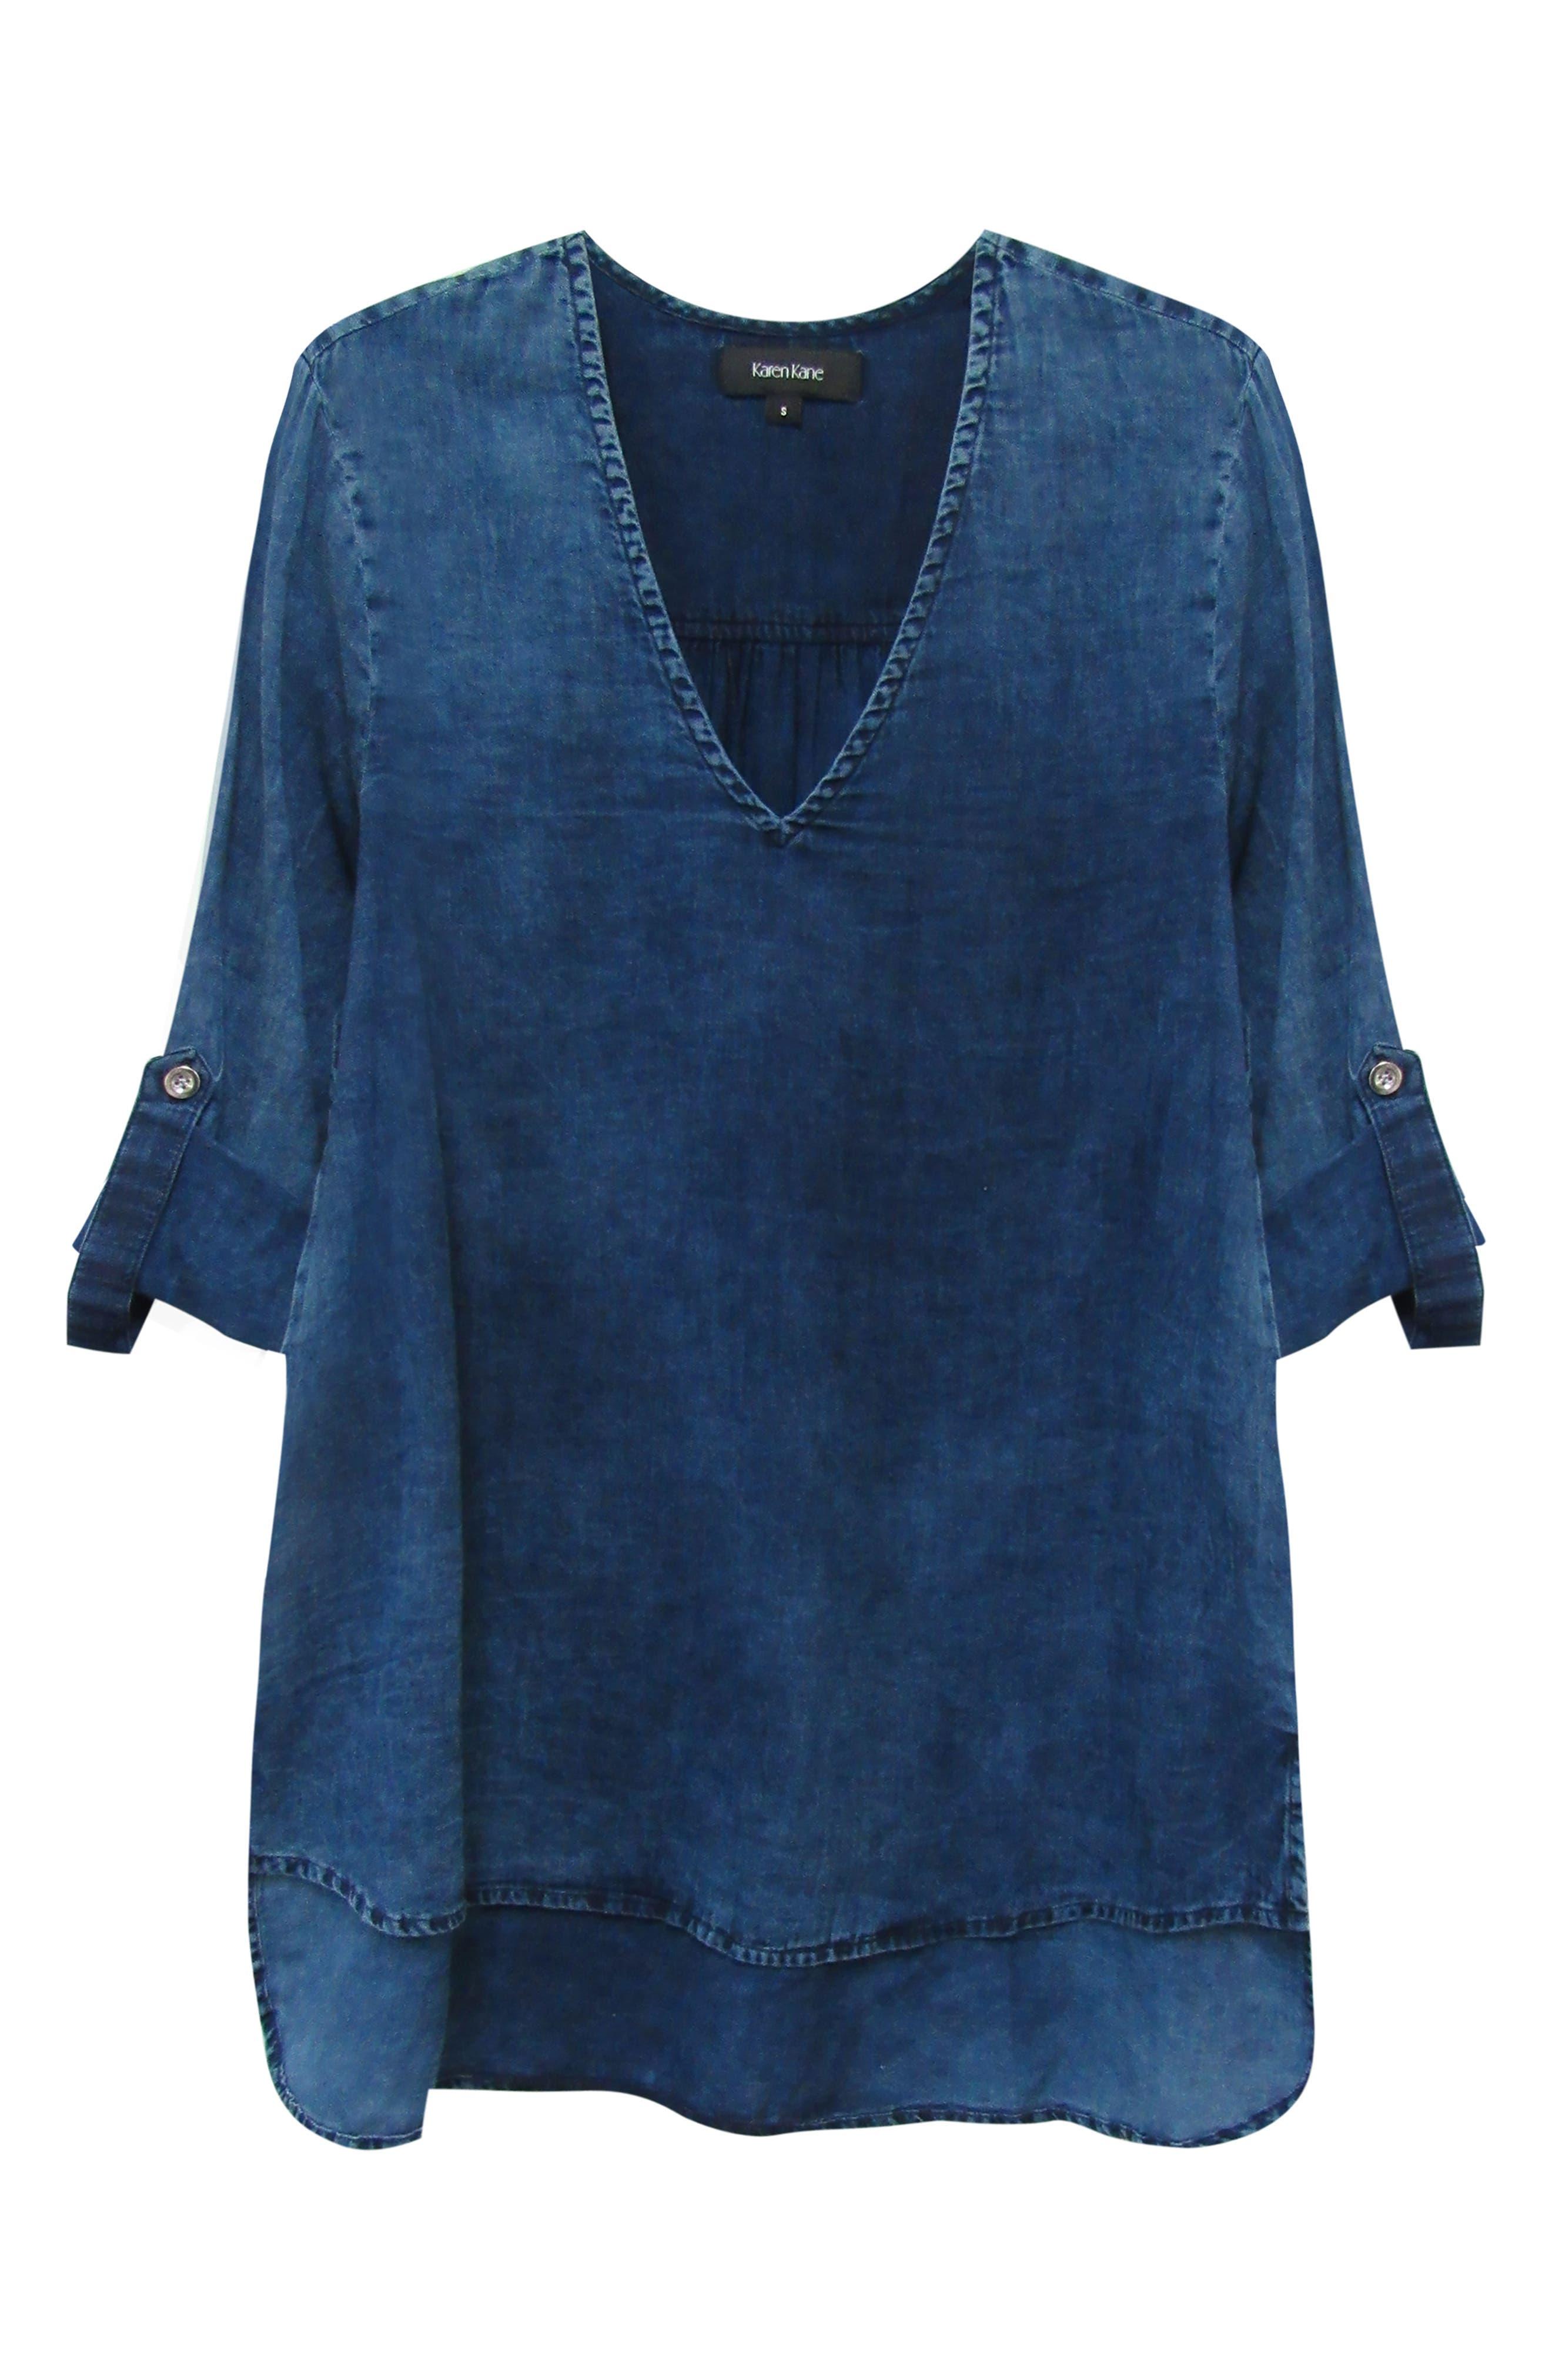 KAREN KANE, High/Low Shirttail Denim Top, Alternate thumbnail 3, color, INDIGO